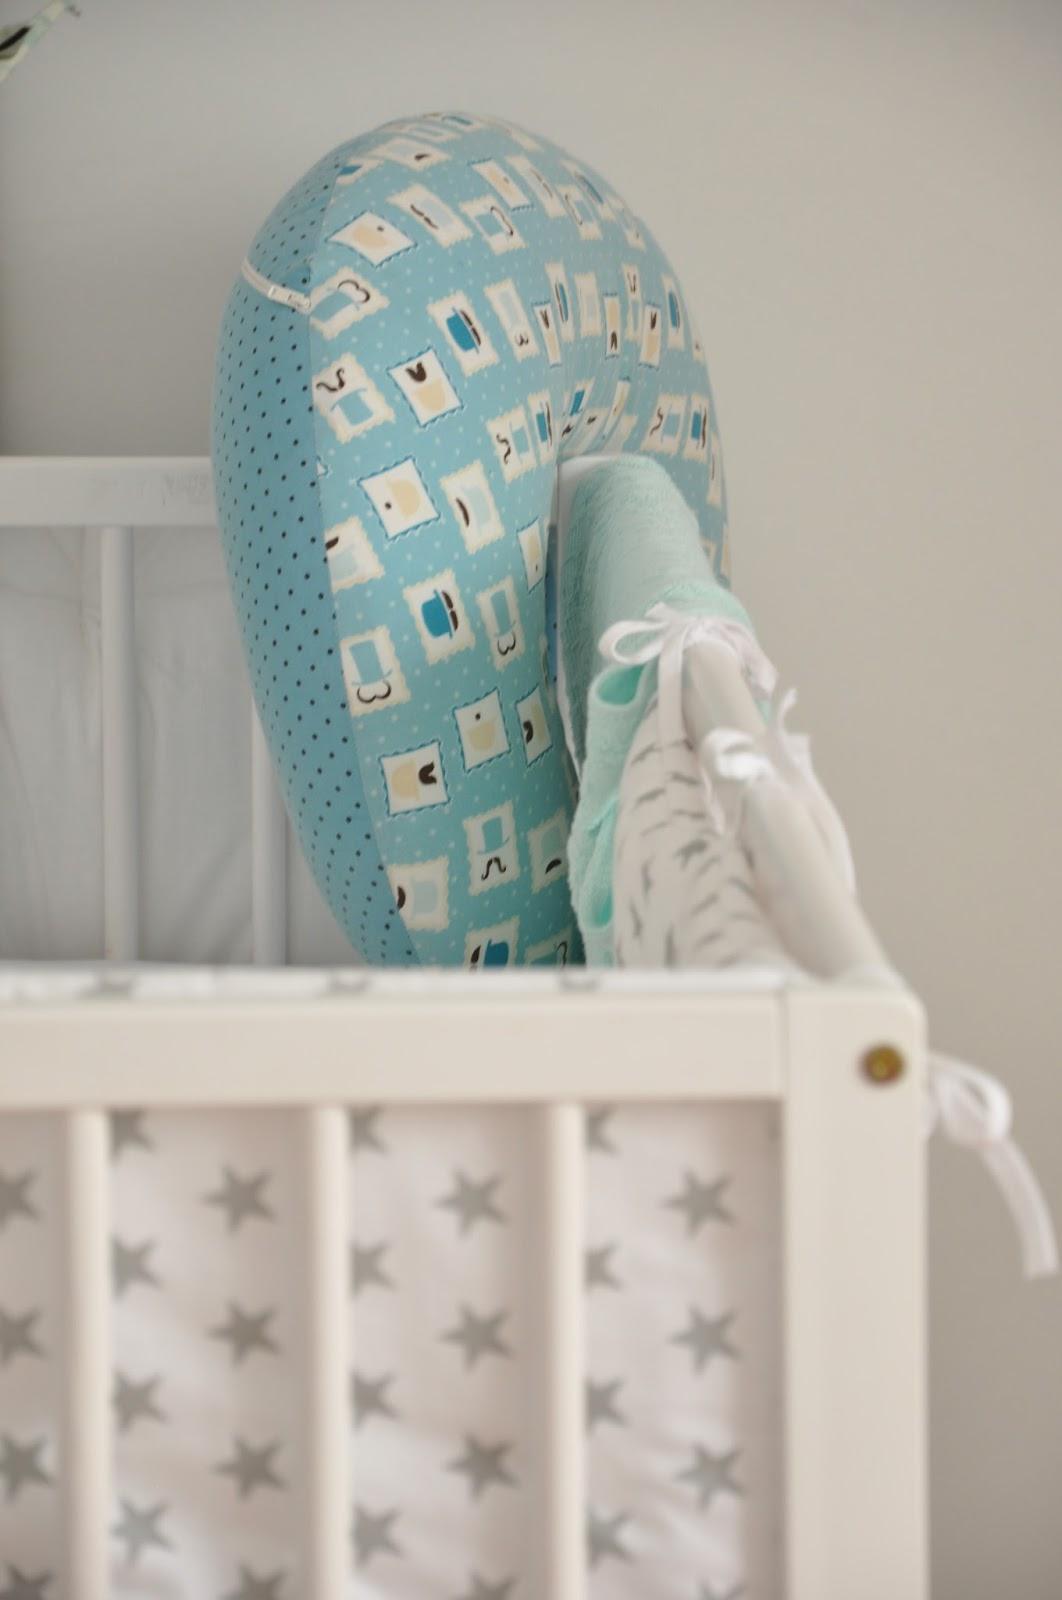 mobil moi mili karulza origami ochraniacz w gwiazdki bettys home kocyk miętowy la millou plakat lemon ducky rogal do karmienia fasolka motherhood